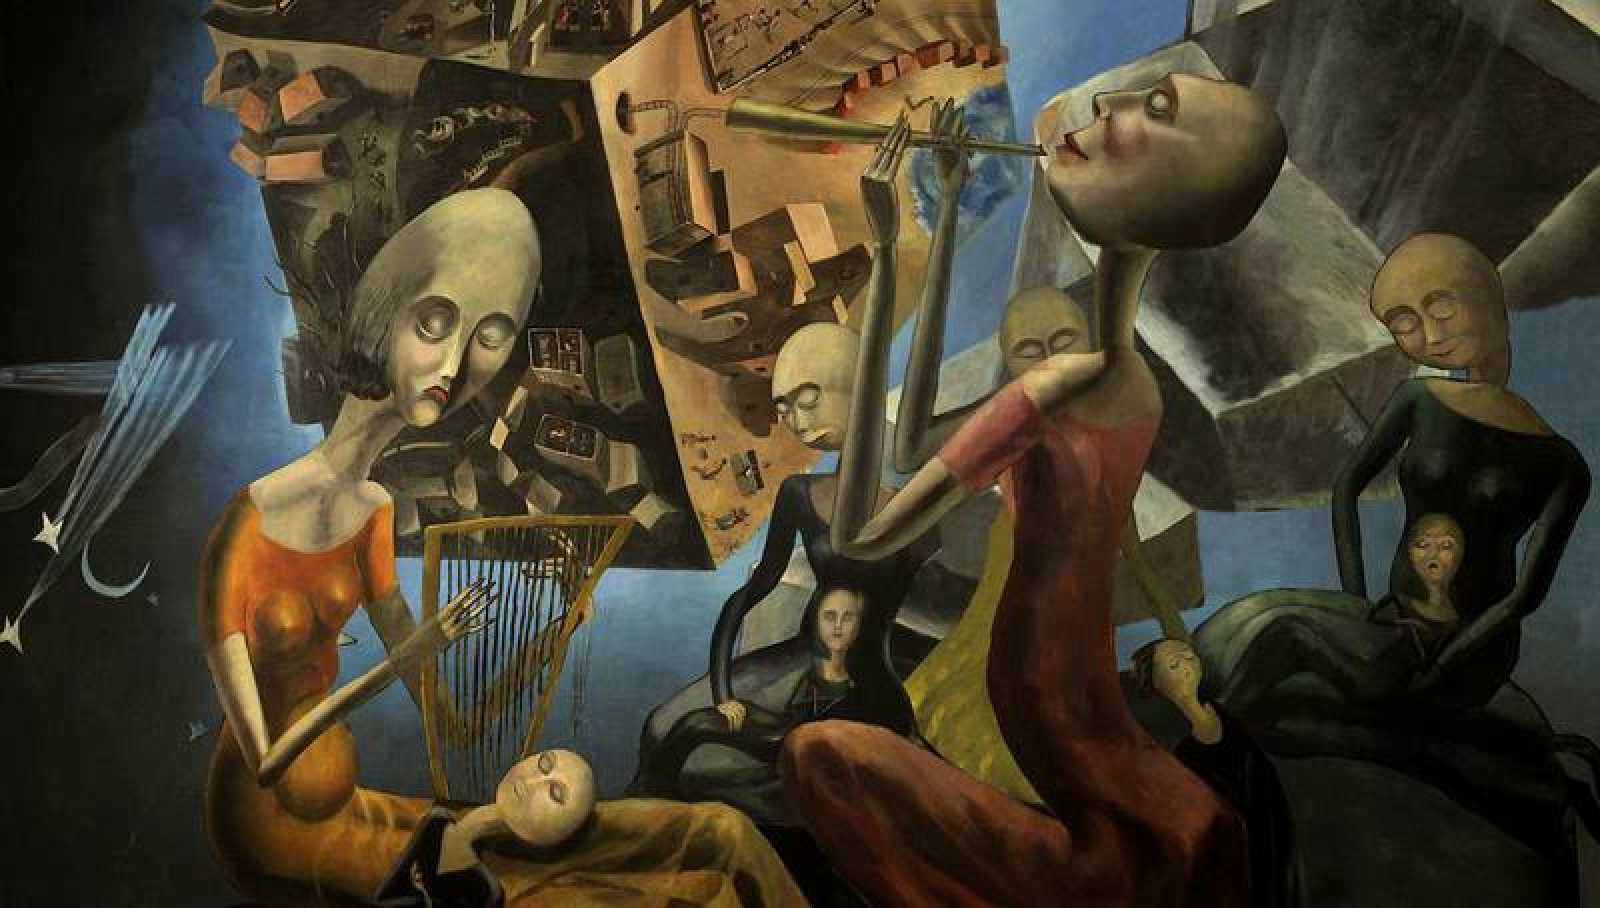 'Un mundo' es la magna de la pintora surreslista, un óleo pintado en 1929 inspirado en versos de Juan Ramón Jiménez